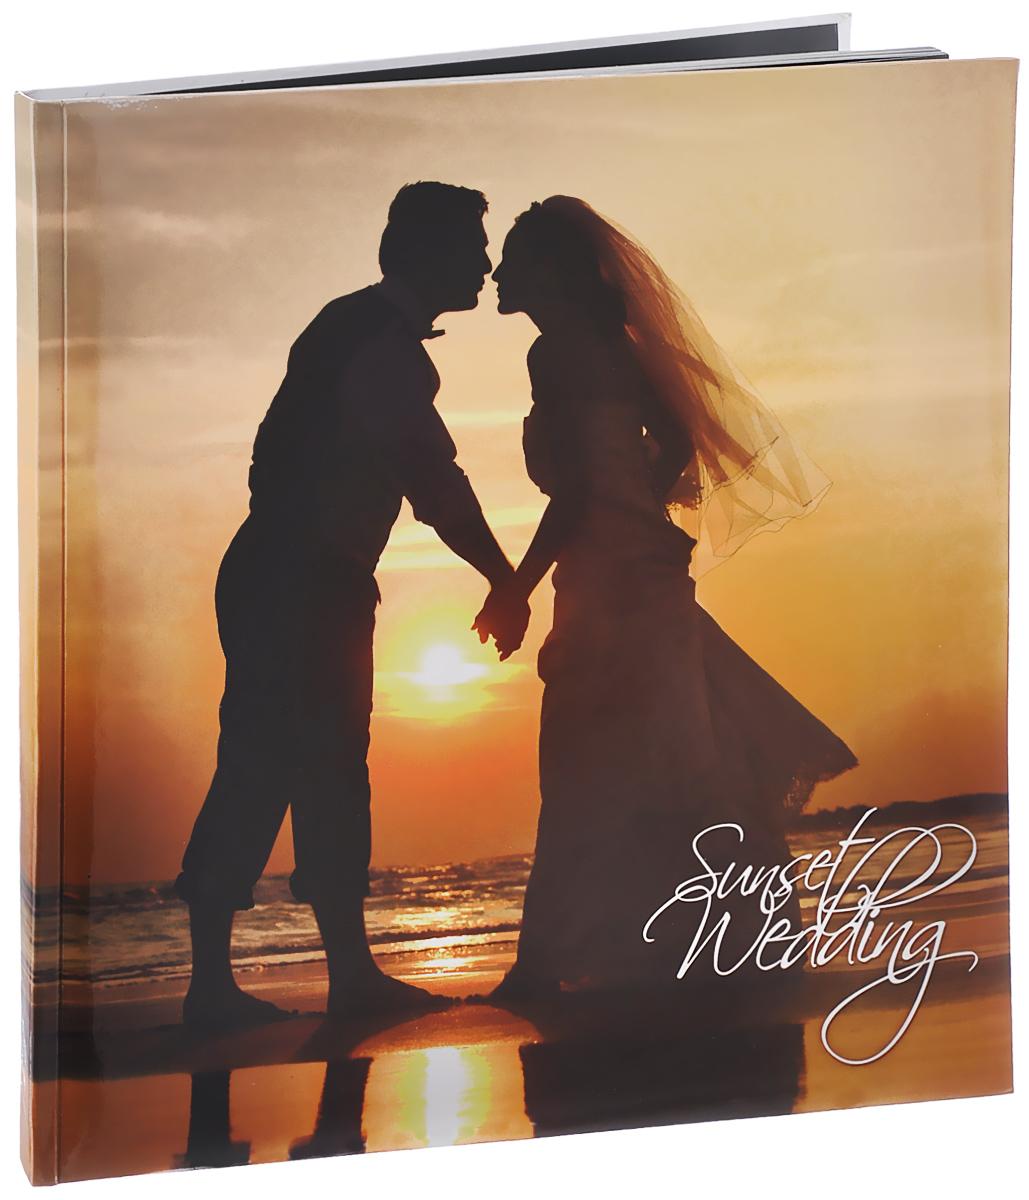 Фотоальбом Pioneer Sunset Wedding, 10 магнитных листов, в ассортименте, 29 х 32 см